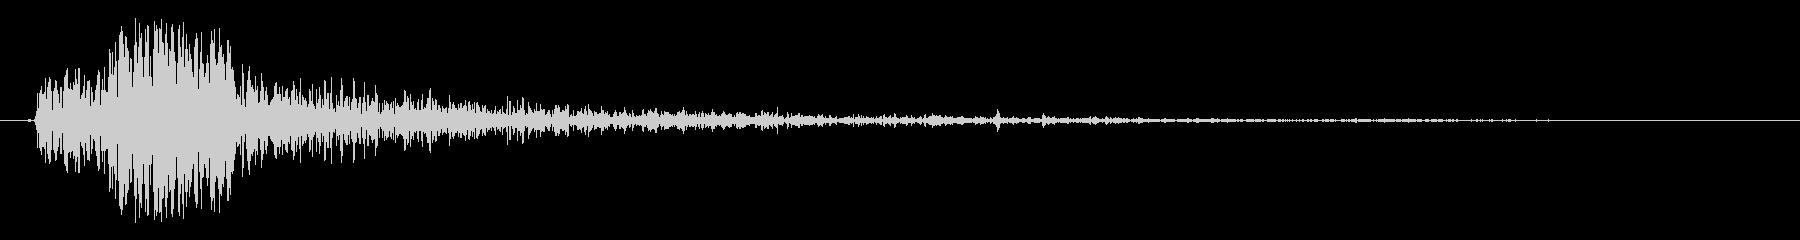 ディープブーミーエクスプロージョンの未再生の波形